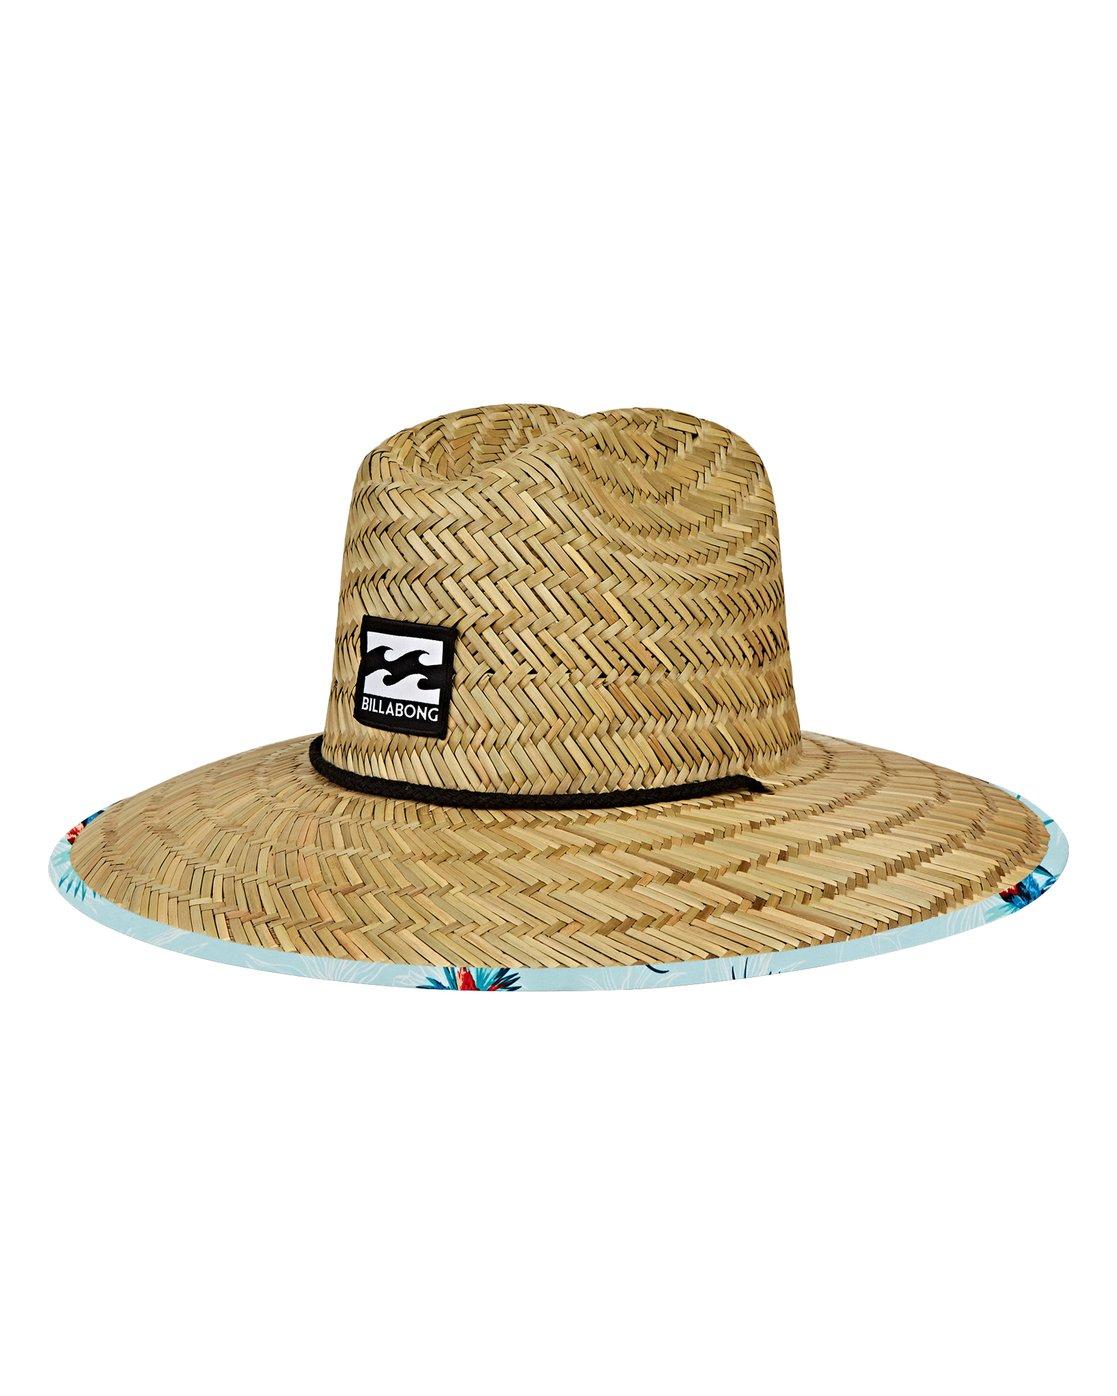 Tides Print Lifeguard Straw Hat Mahwvbtp